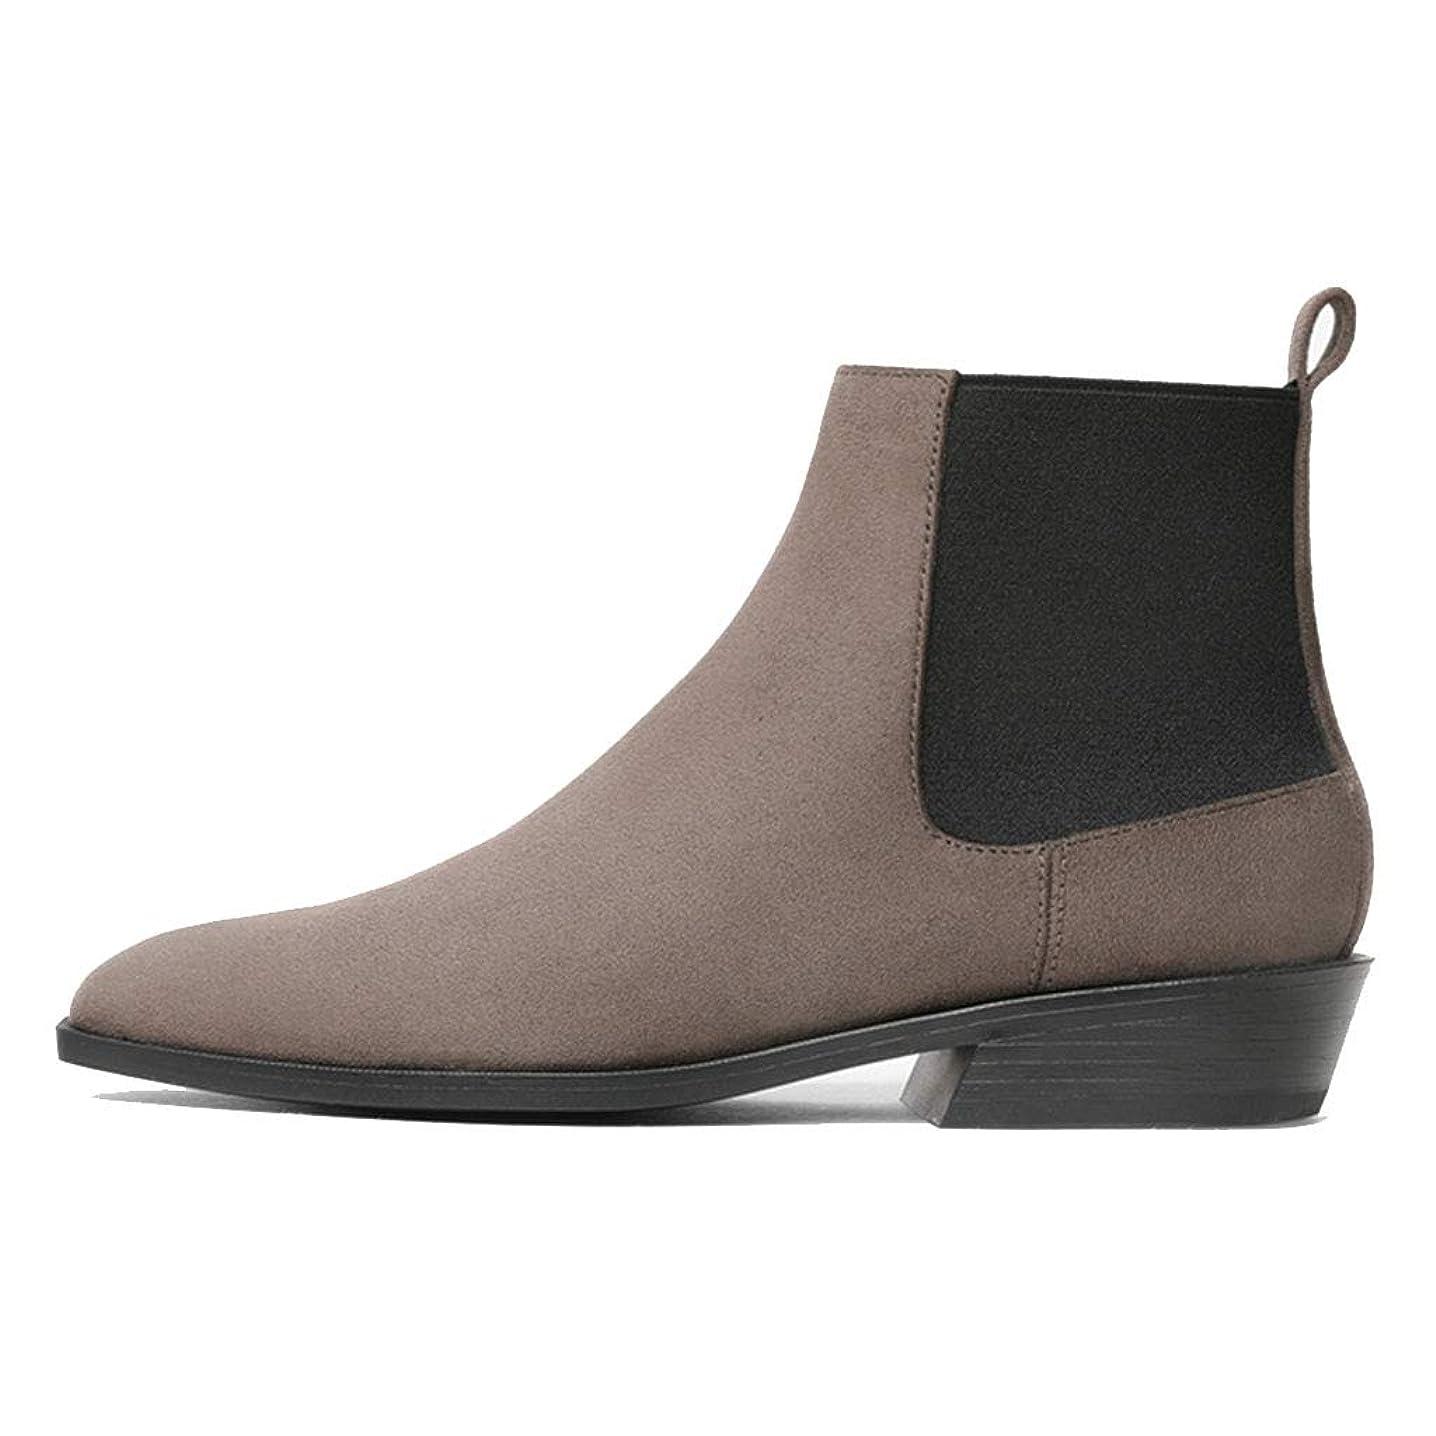 動作フロント影響力のあるフラットブーツレディースブーツシューズマーティンブーツすべての服にフィットするアンクルブーツ 安全?保護用品 (Color : Brown, Size : 37)